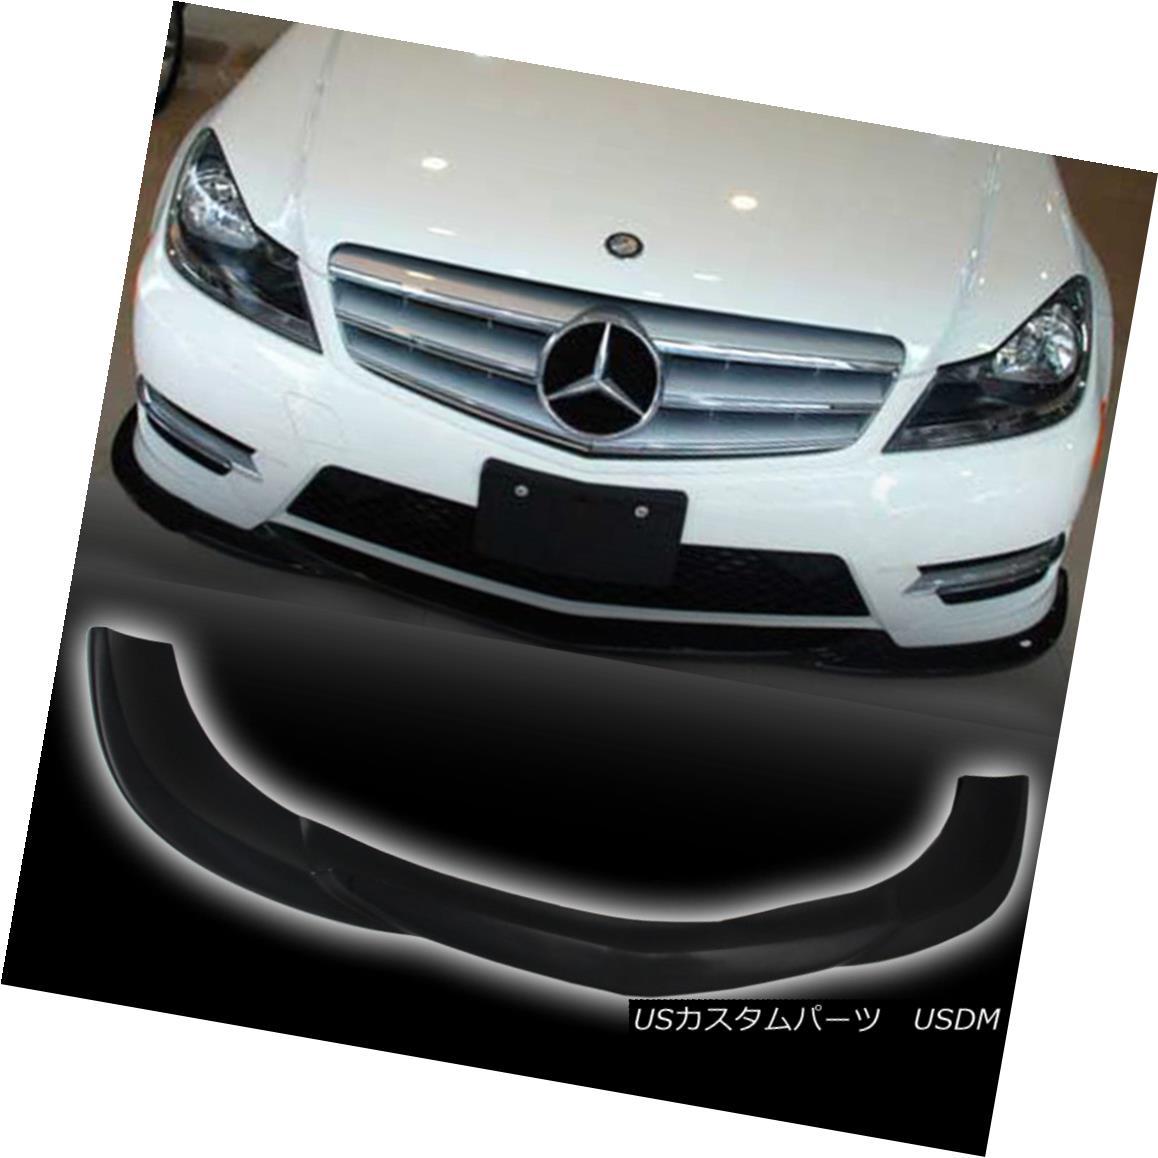 エアロパーツ Mercedes BENZ C-Class W204 Sedan LCI Facelift Bumper Lip Spolier Matte Black メルセデスベンツCクラスW204セダンLCIフェイスリフトバンパーリップスポイラーマットブラック